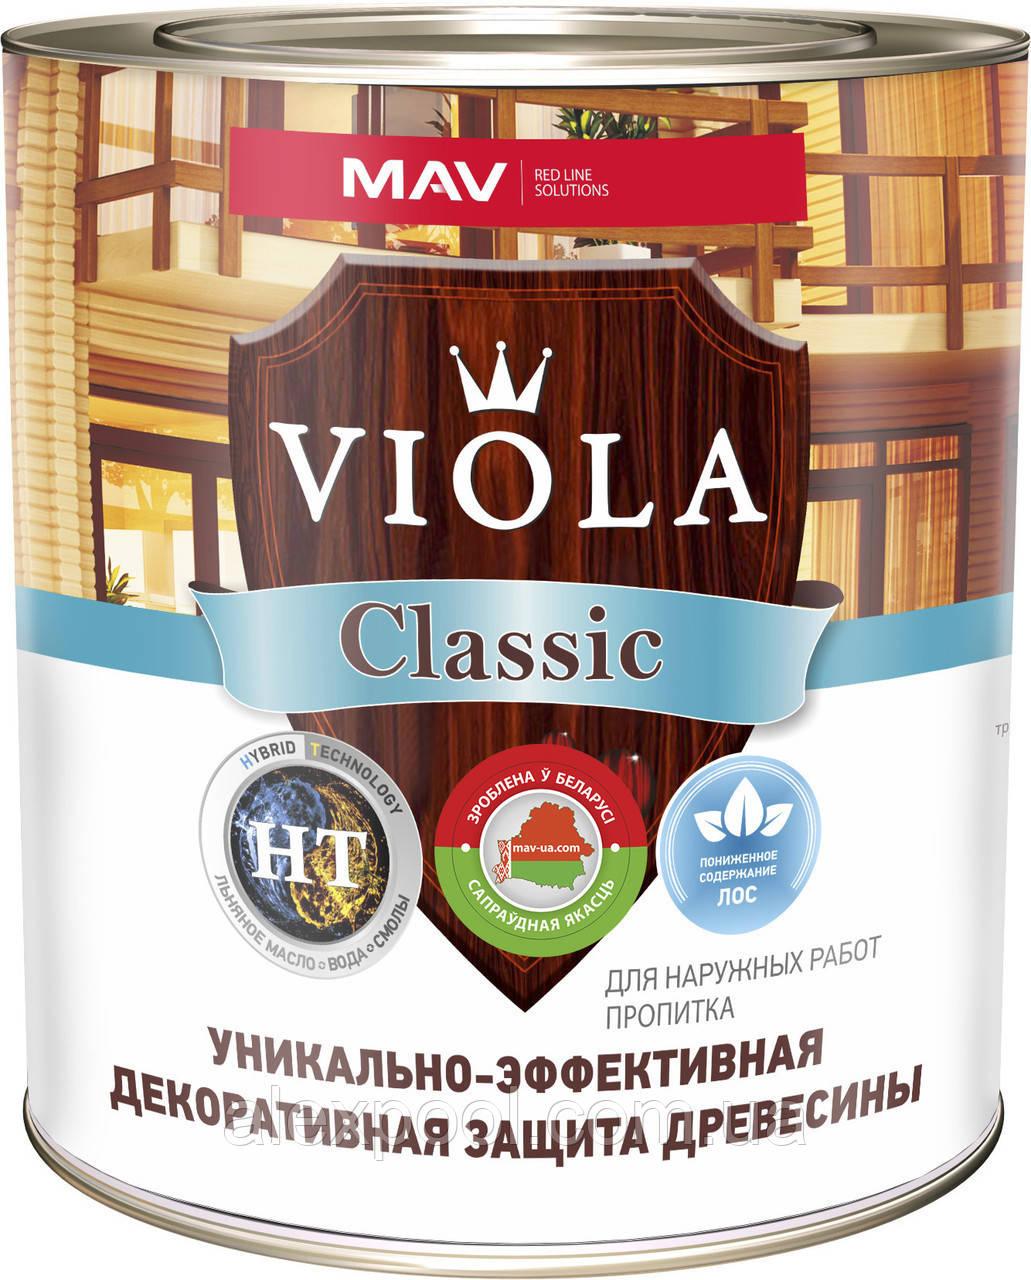 Лак алкидный MAV VIOLA Classic HT 30 защитно-декоративный без запаха для древесины Старая древесина 1 литр